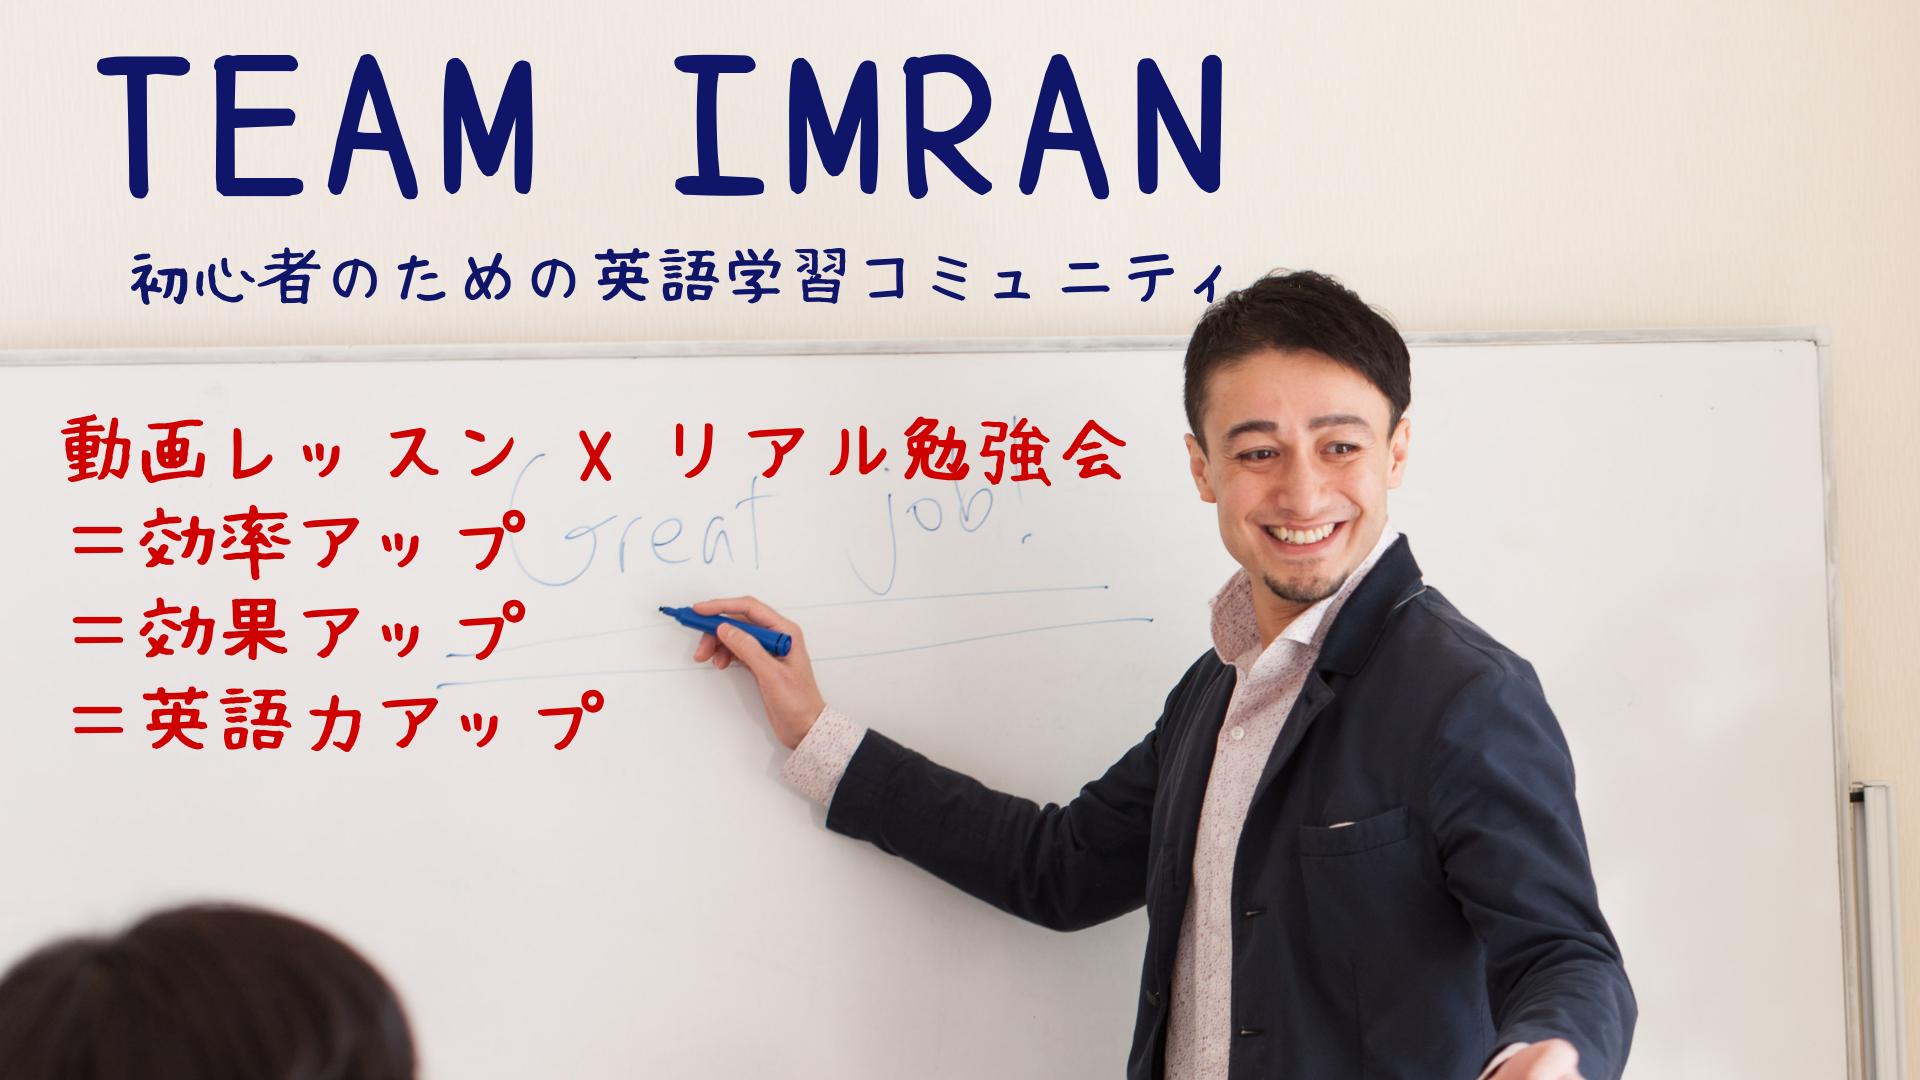 イムランの初心者向け英語コミュニティ